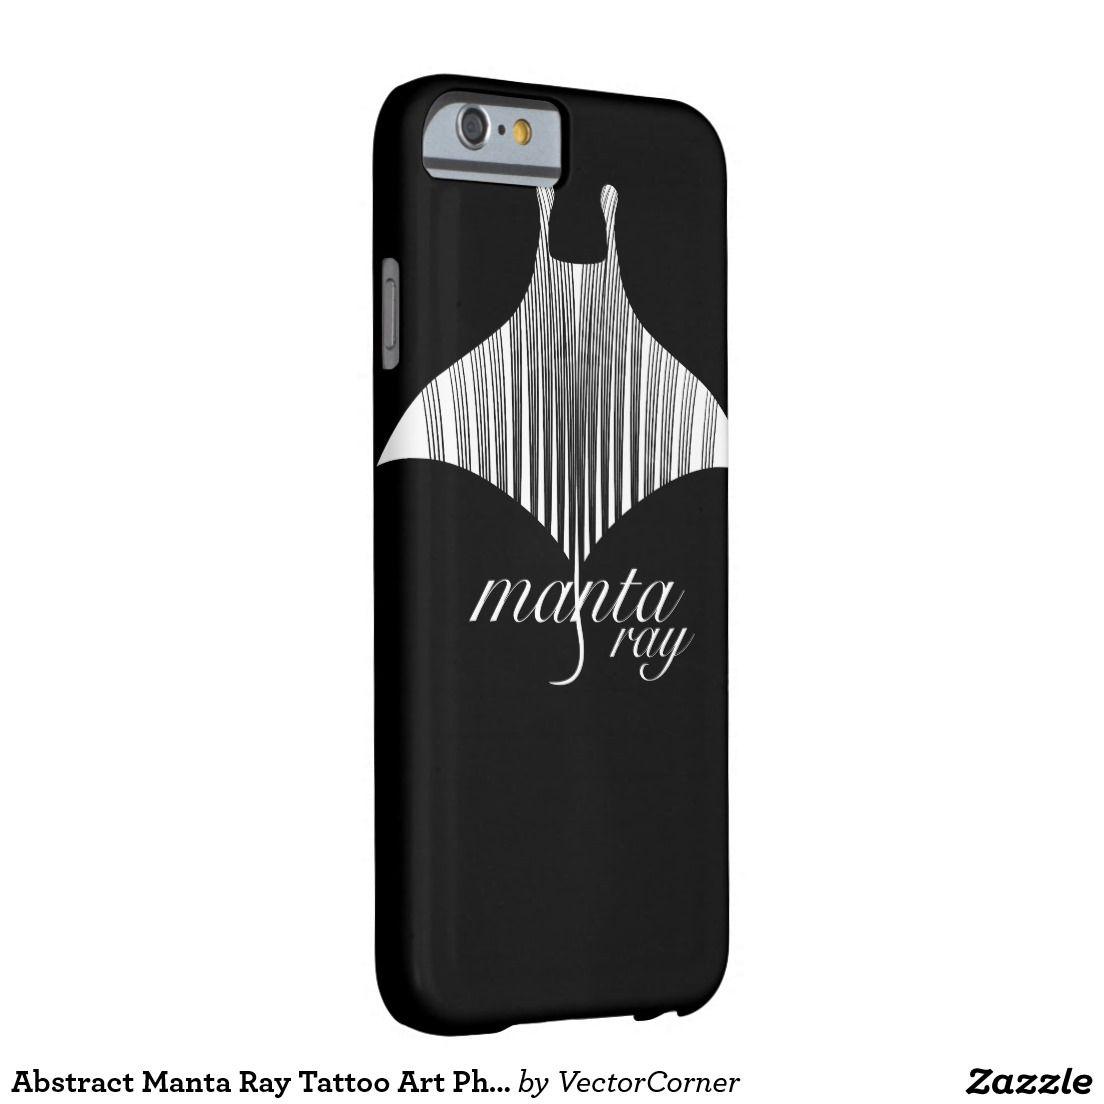 Abstract Manta Ray Tattoo Art Phone Case